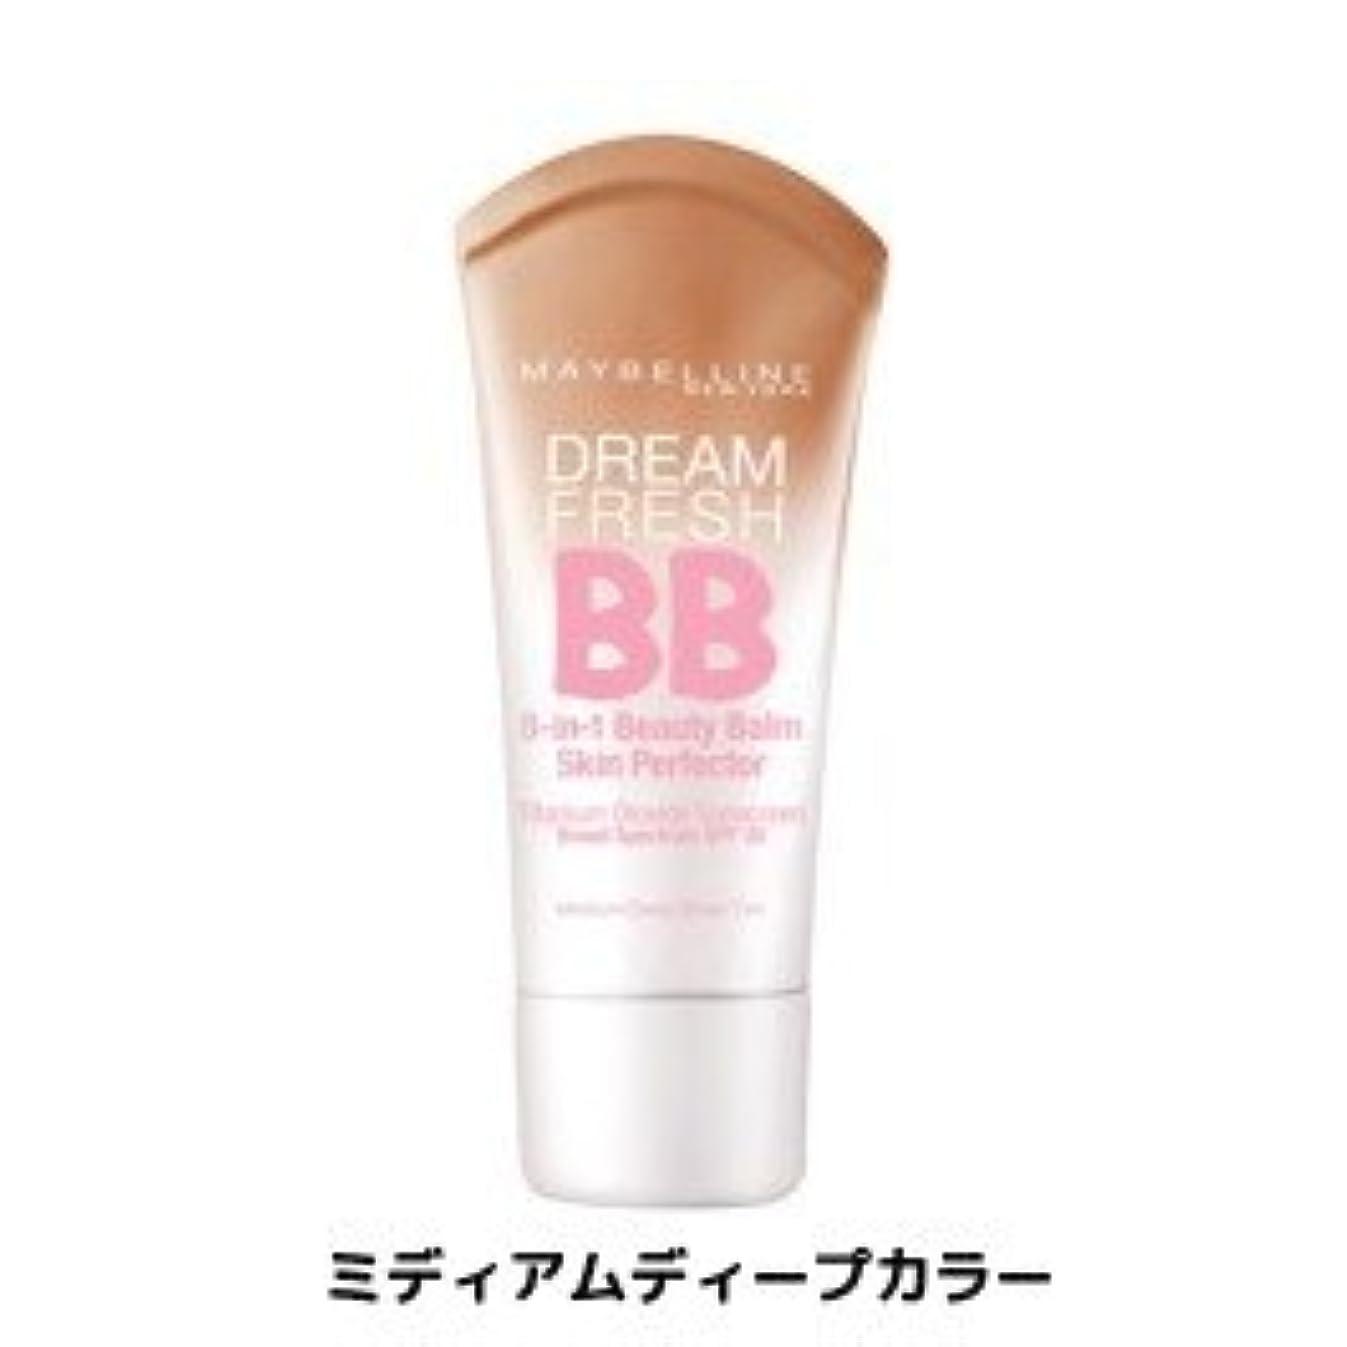 怠惰グリット用心深いメイベリン BBクリーム  SPF 30*Maybelline Dream Fresh BB Cream 30ml【平行輸入品】 (ミディアムディープカラー)